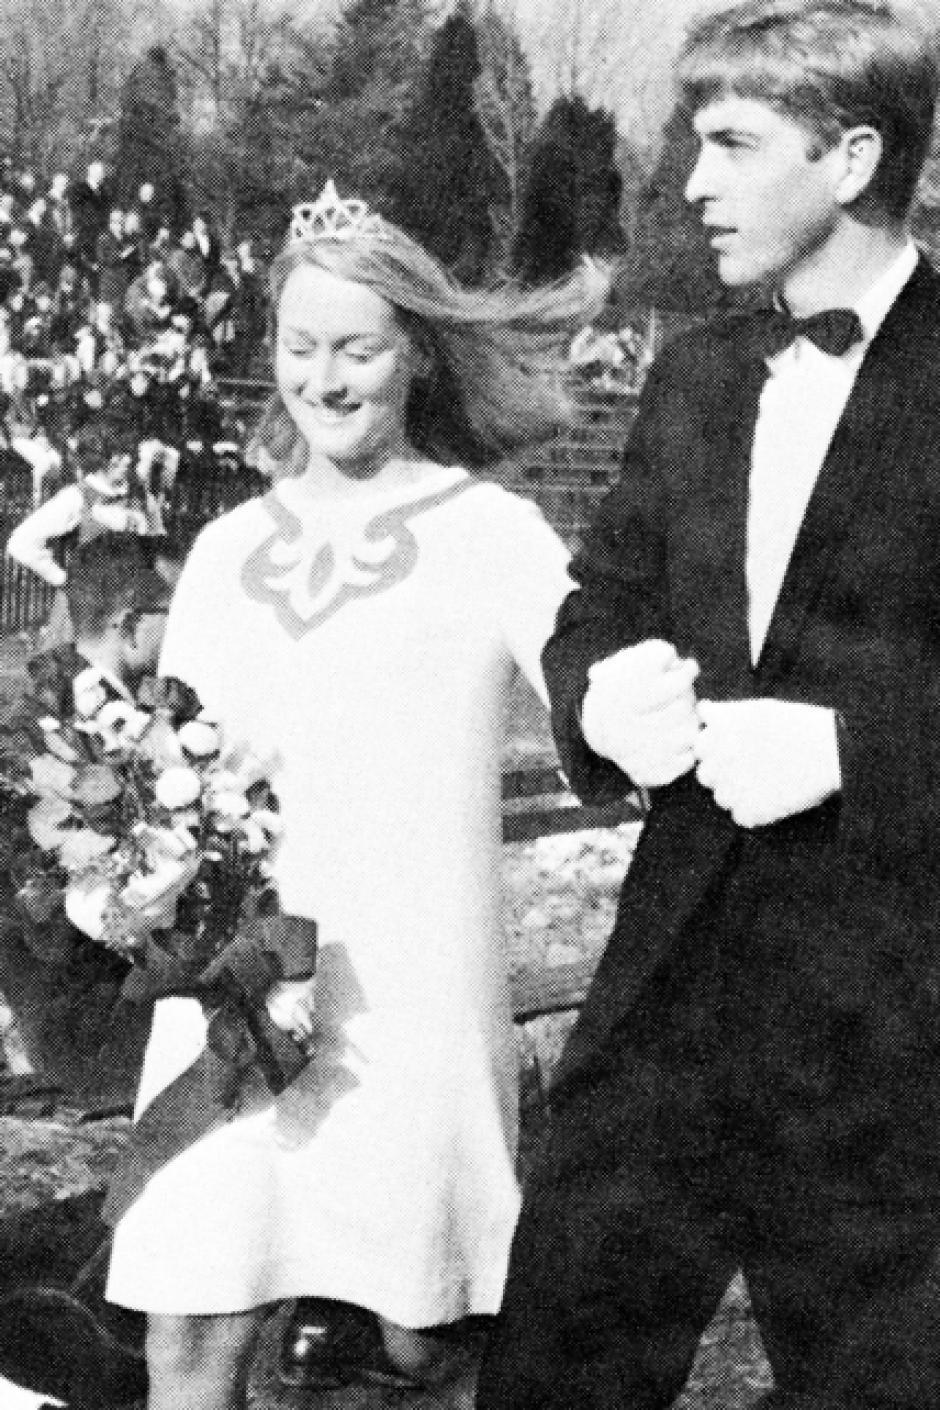 Meryl Streep lleva un vestido abajo de la rodilla y una tiara en la cabeza. (Foto: El País)